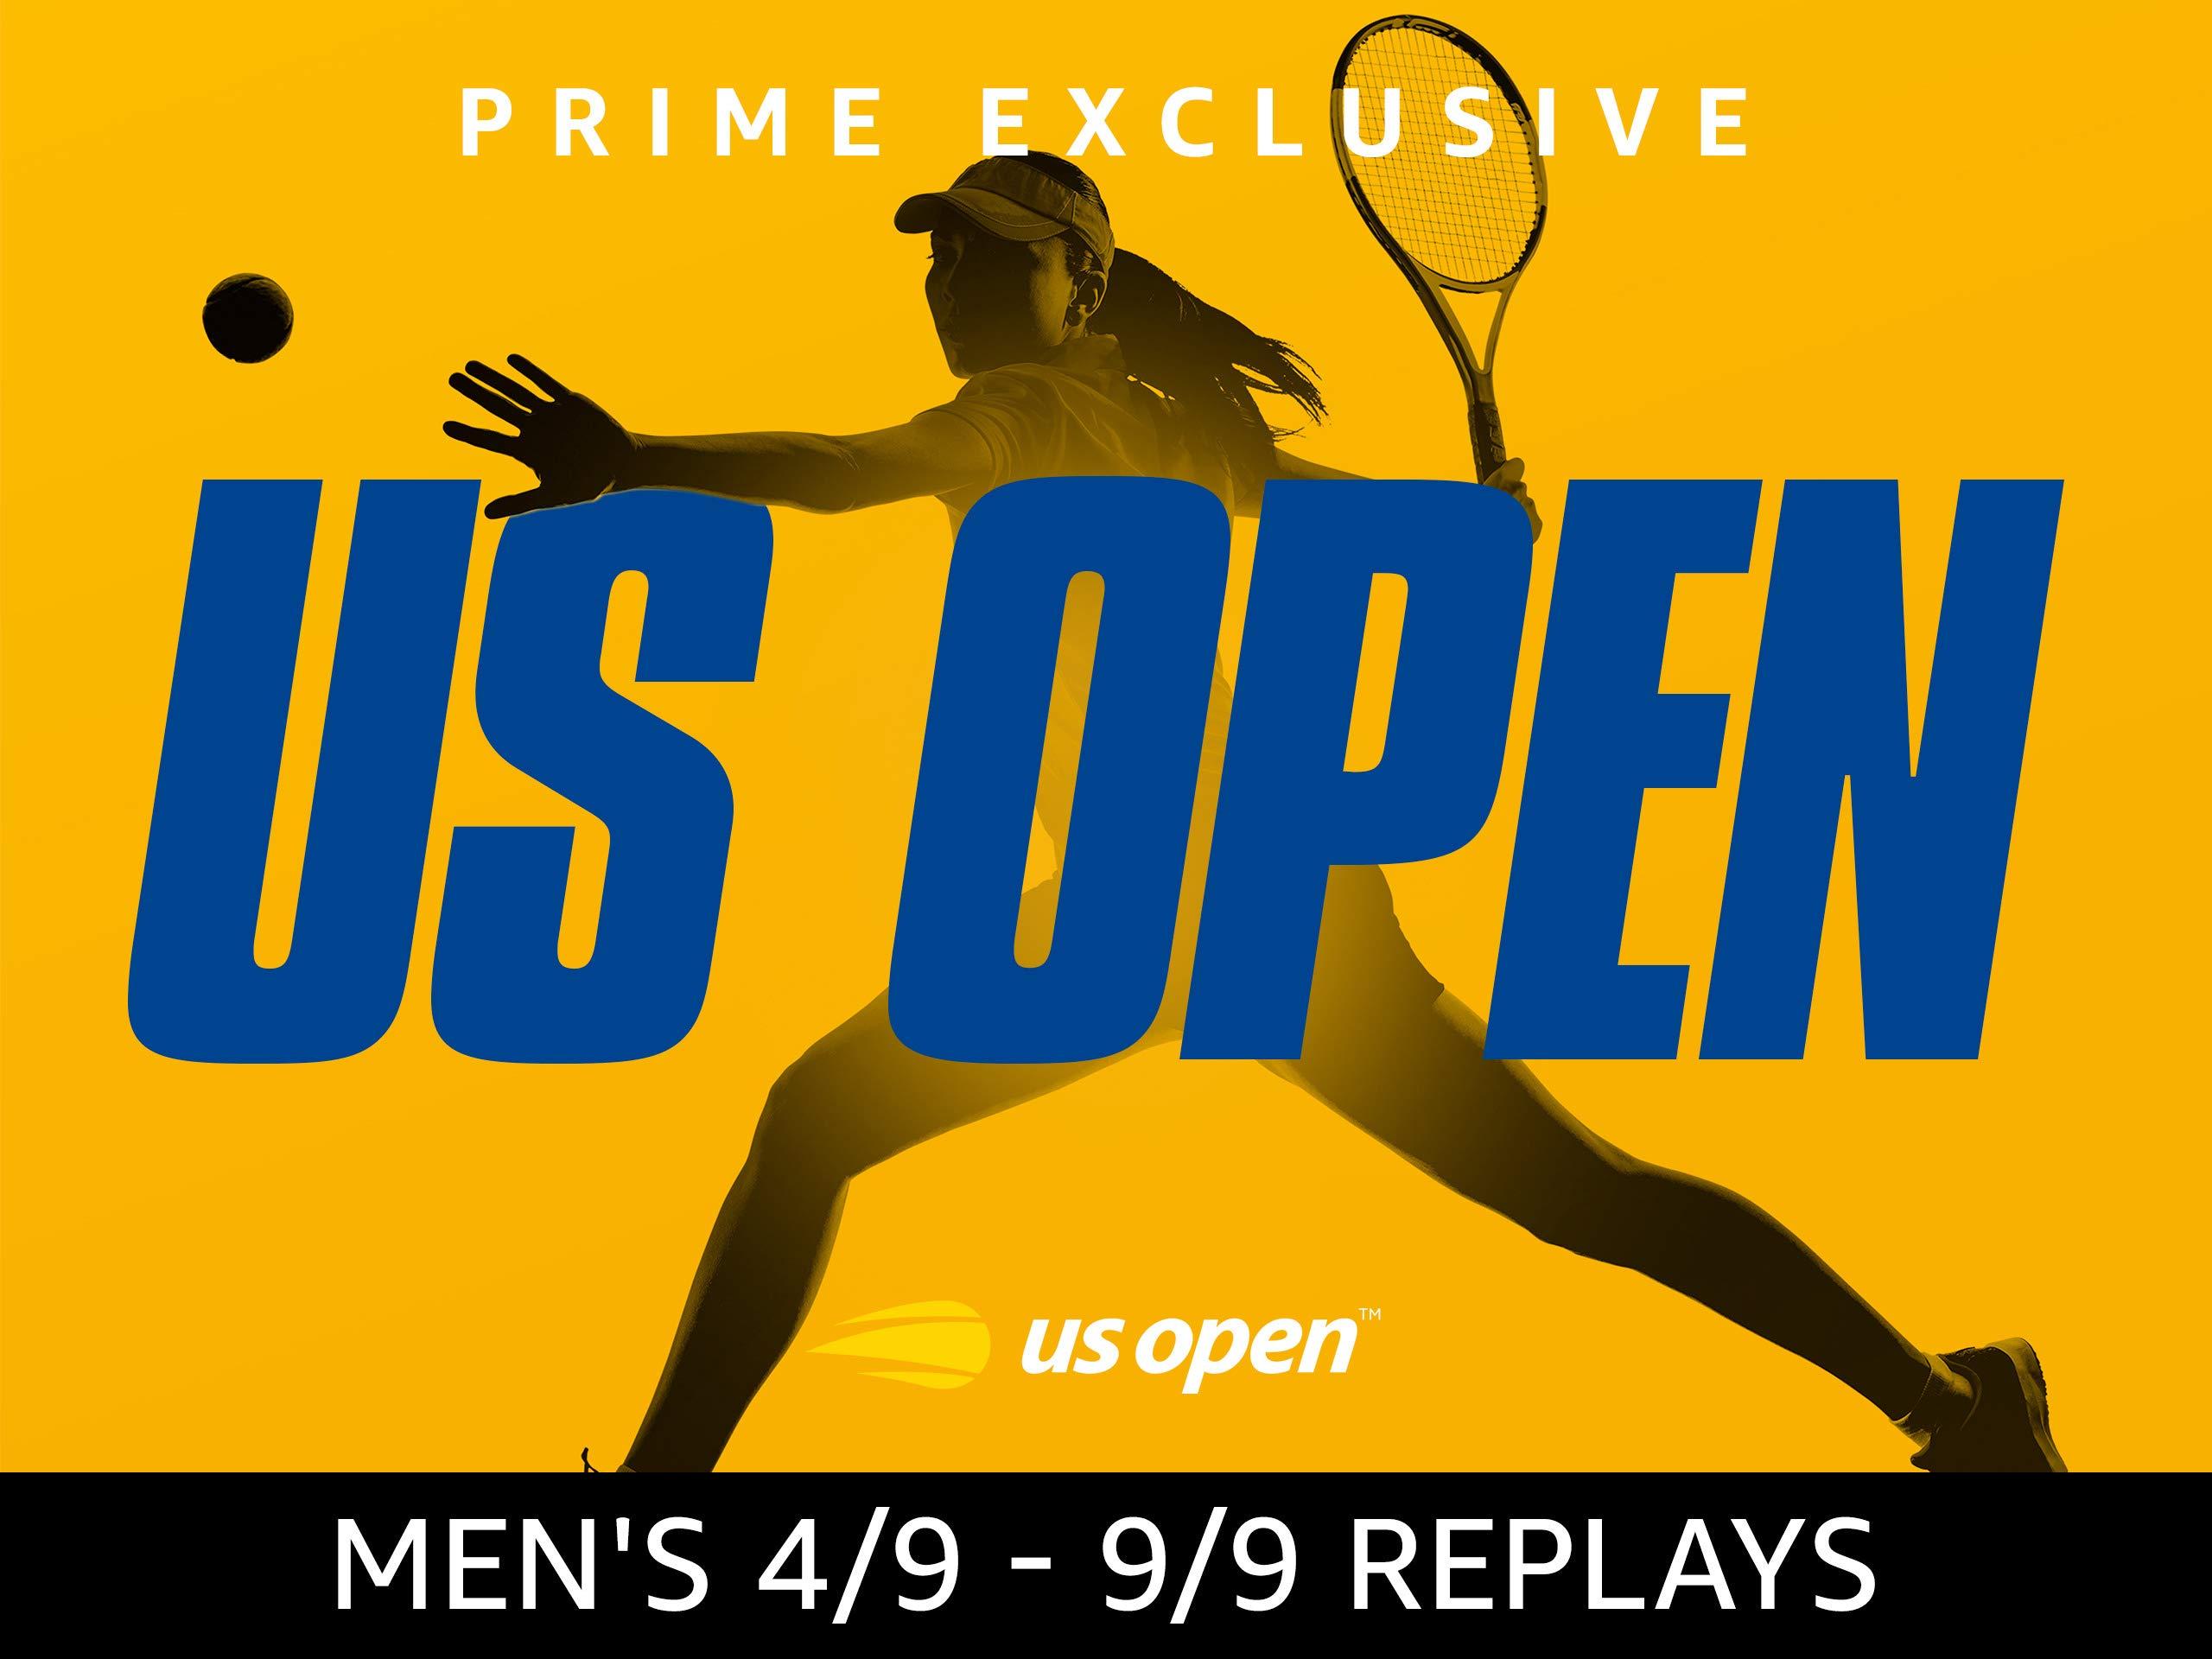 US Open Tennis 2018 Men's Finals Replays on Amazon Prime Video UK